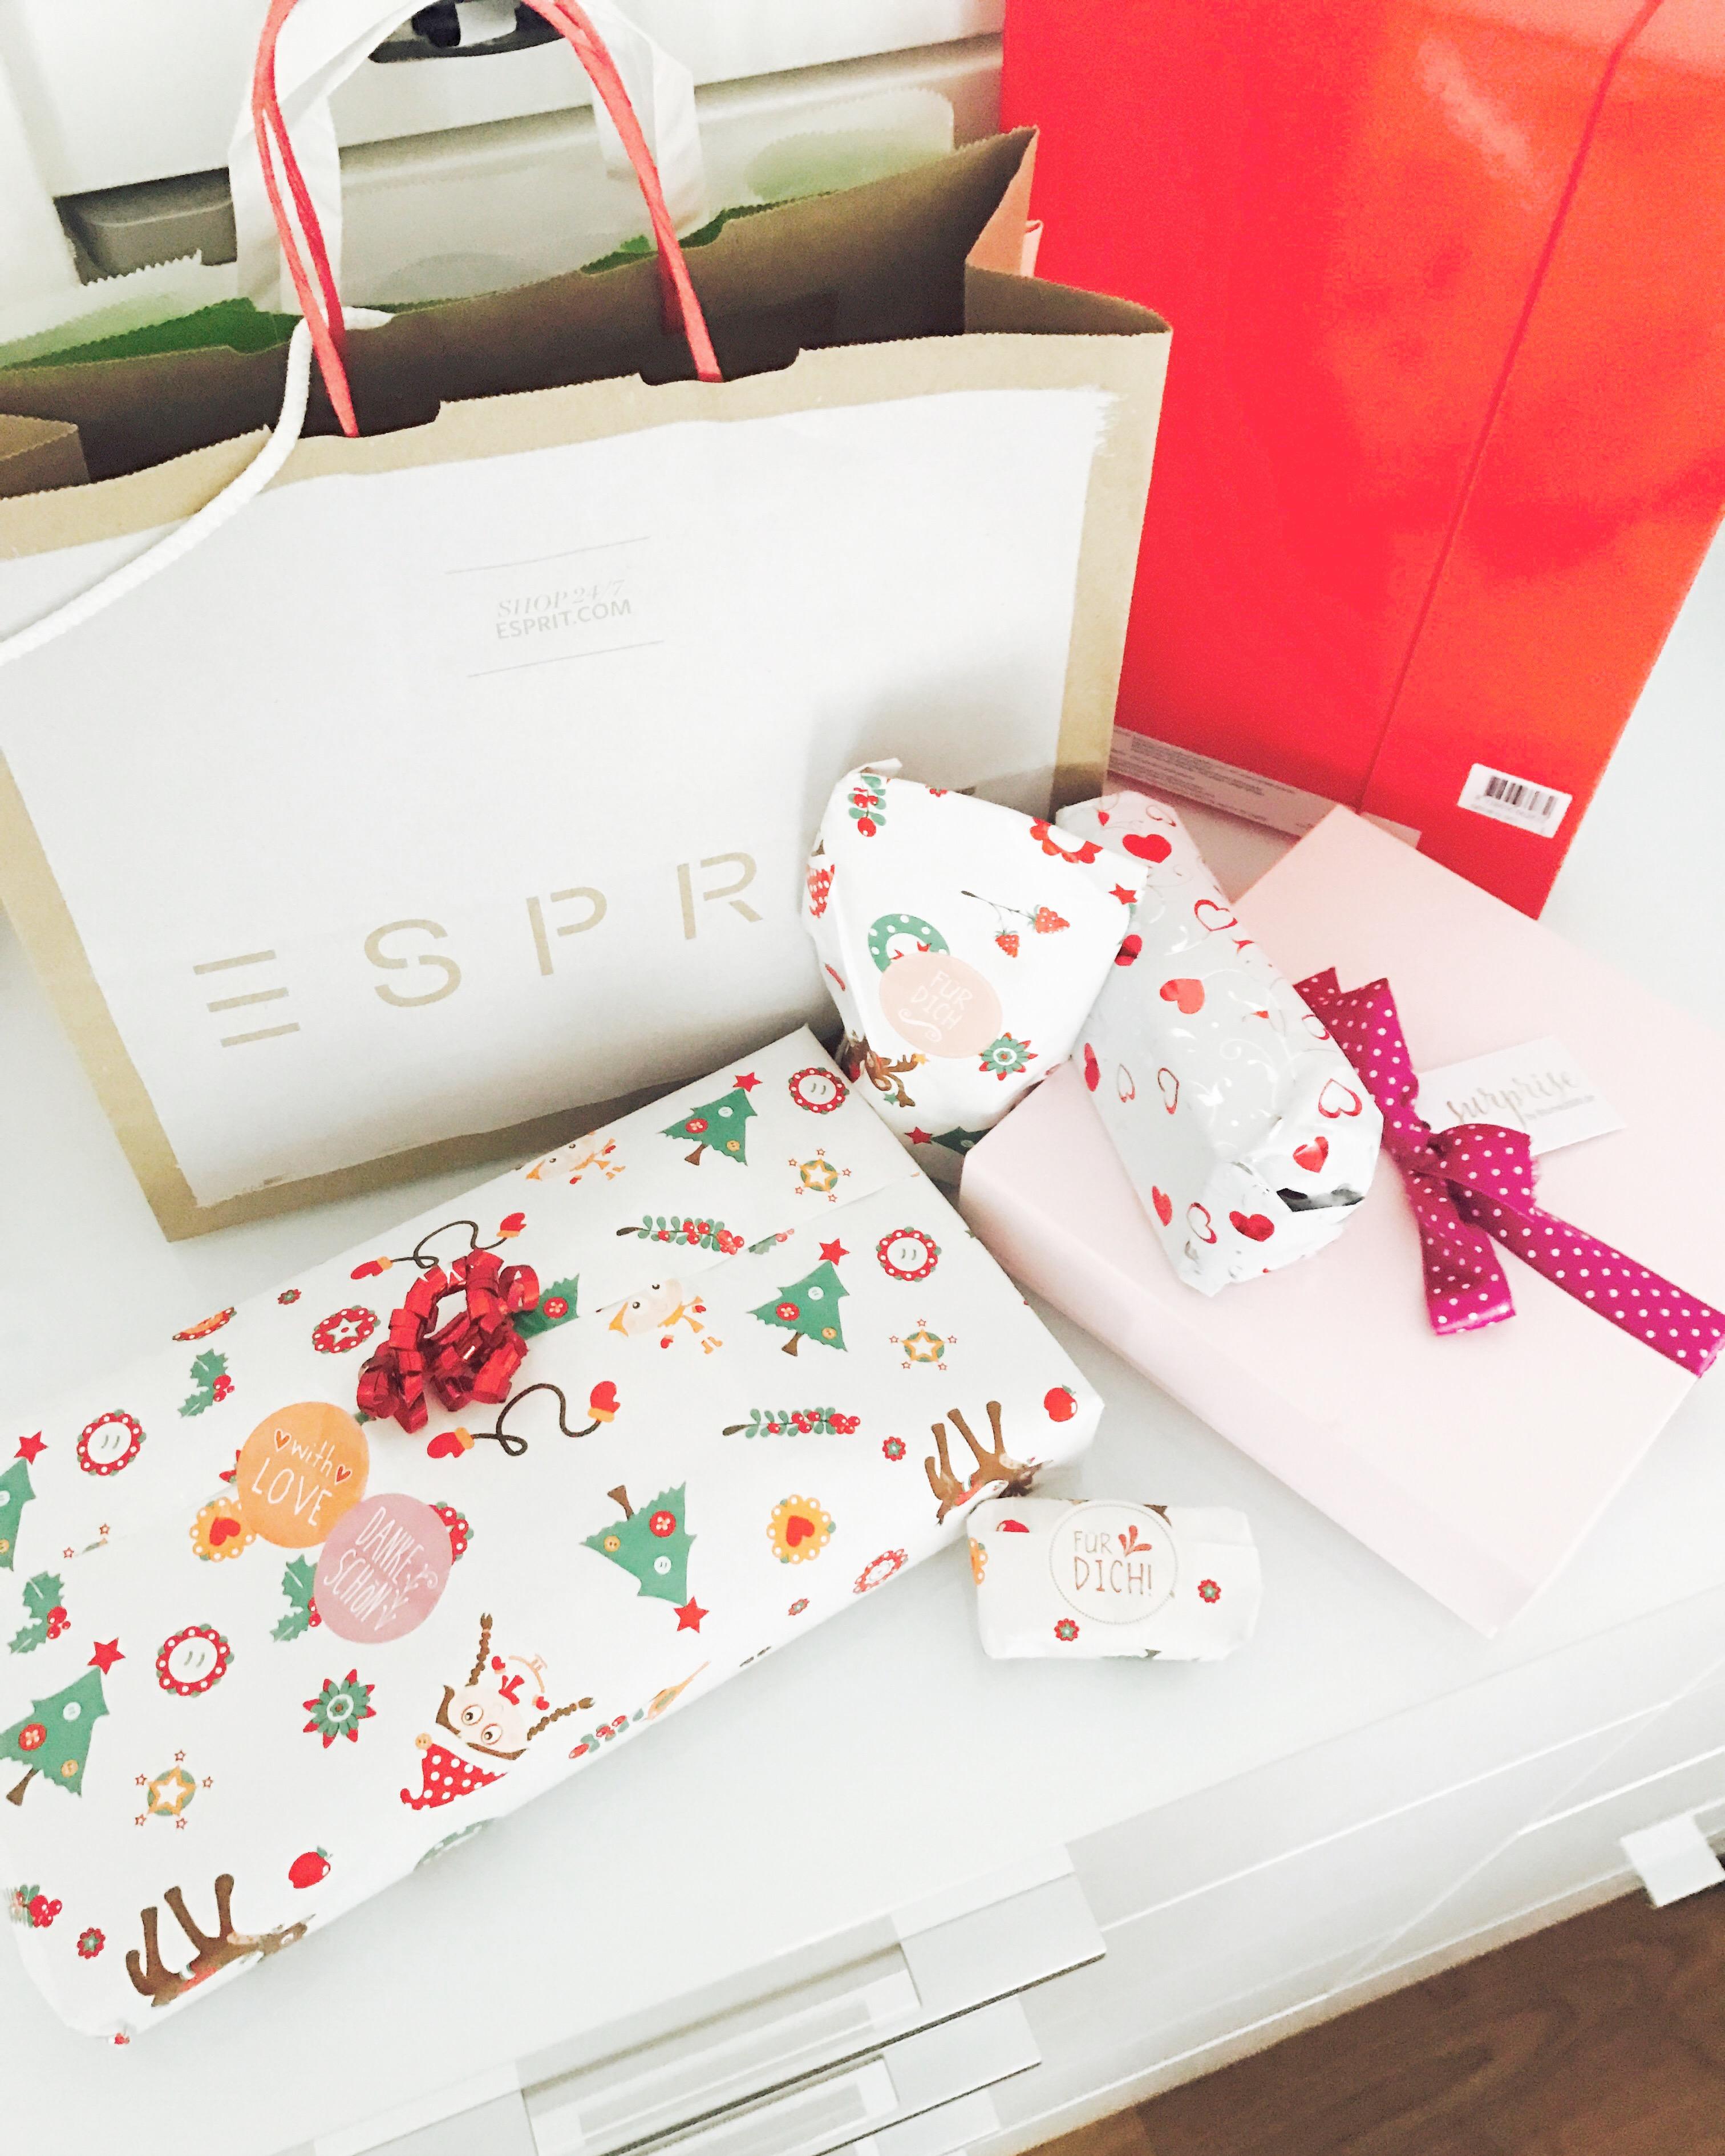 Meine Weihnachtsgeschenke.Meine Weihnachtsgeschenke Lissy Heinle